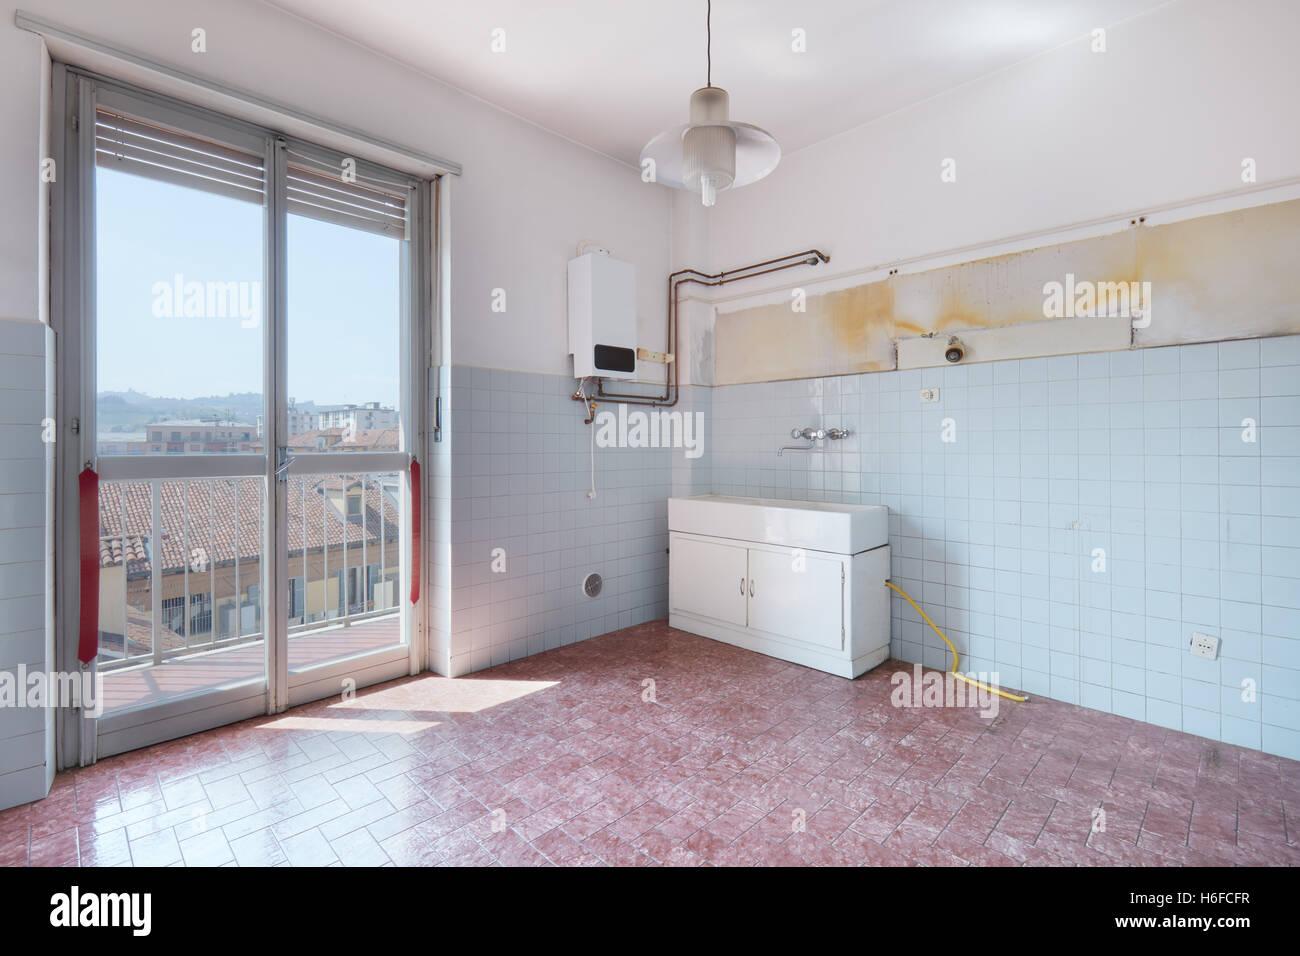 Alte Leere Küche Zimmer Mit Fliesenboden Und Wände